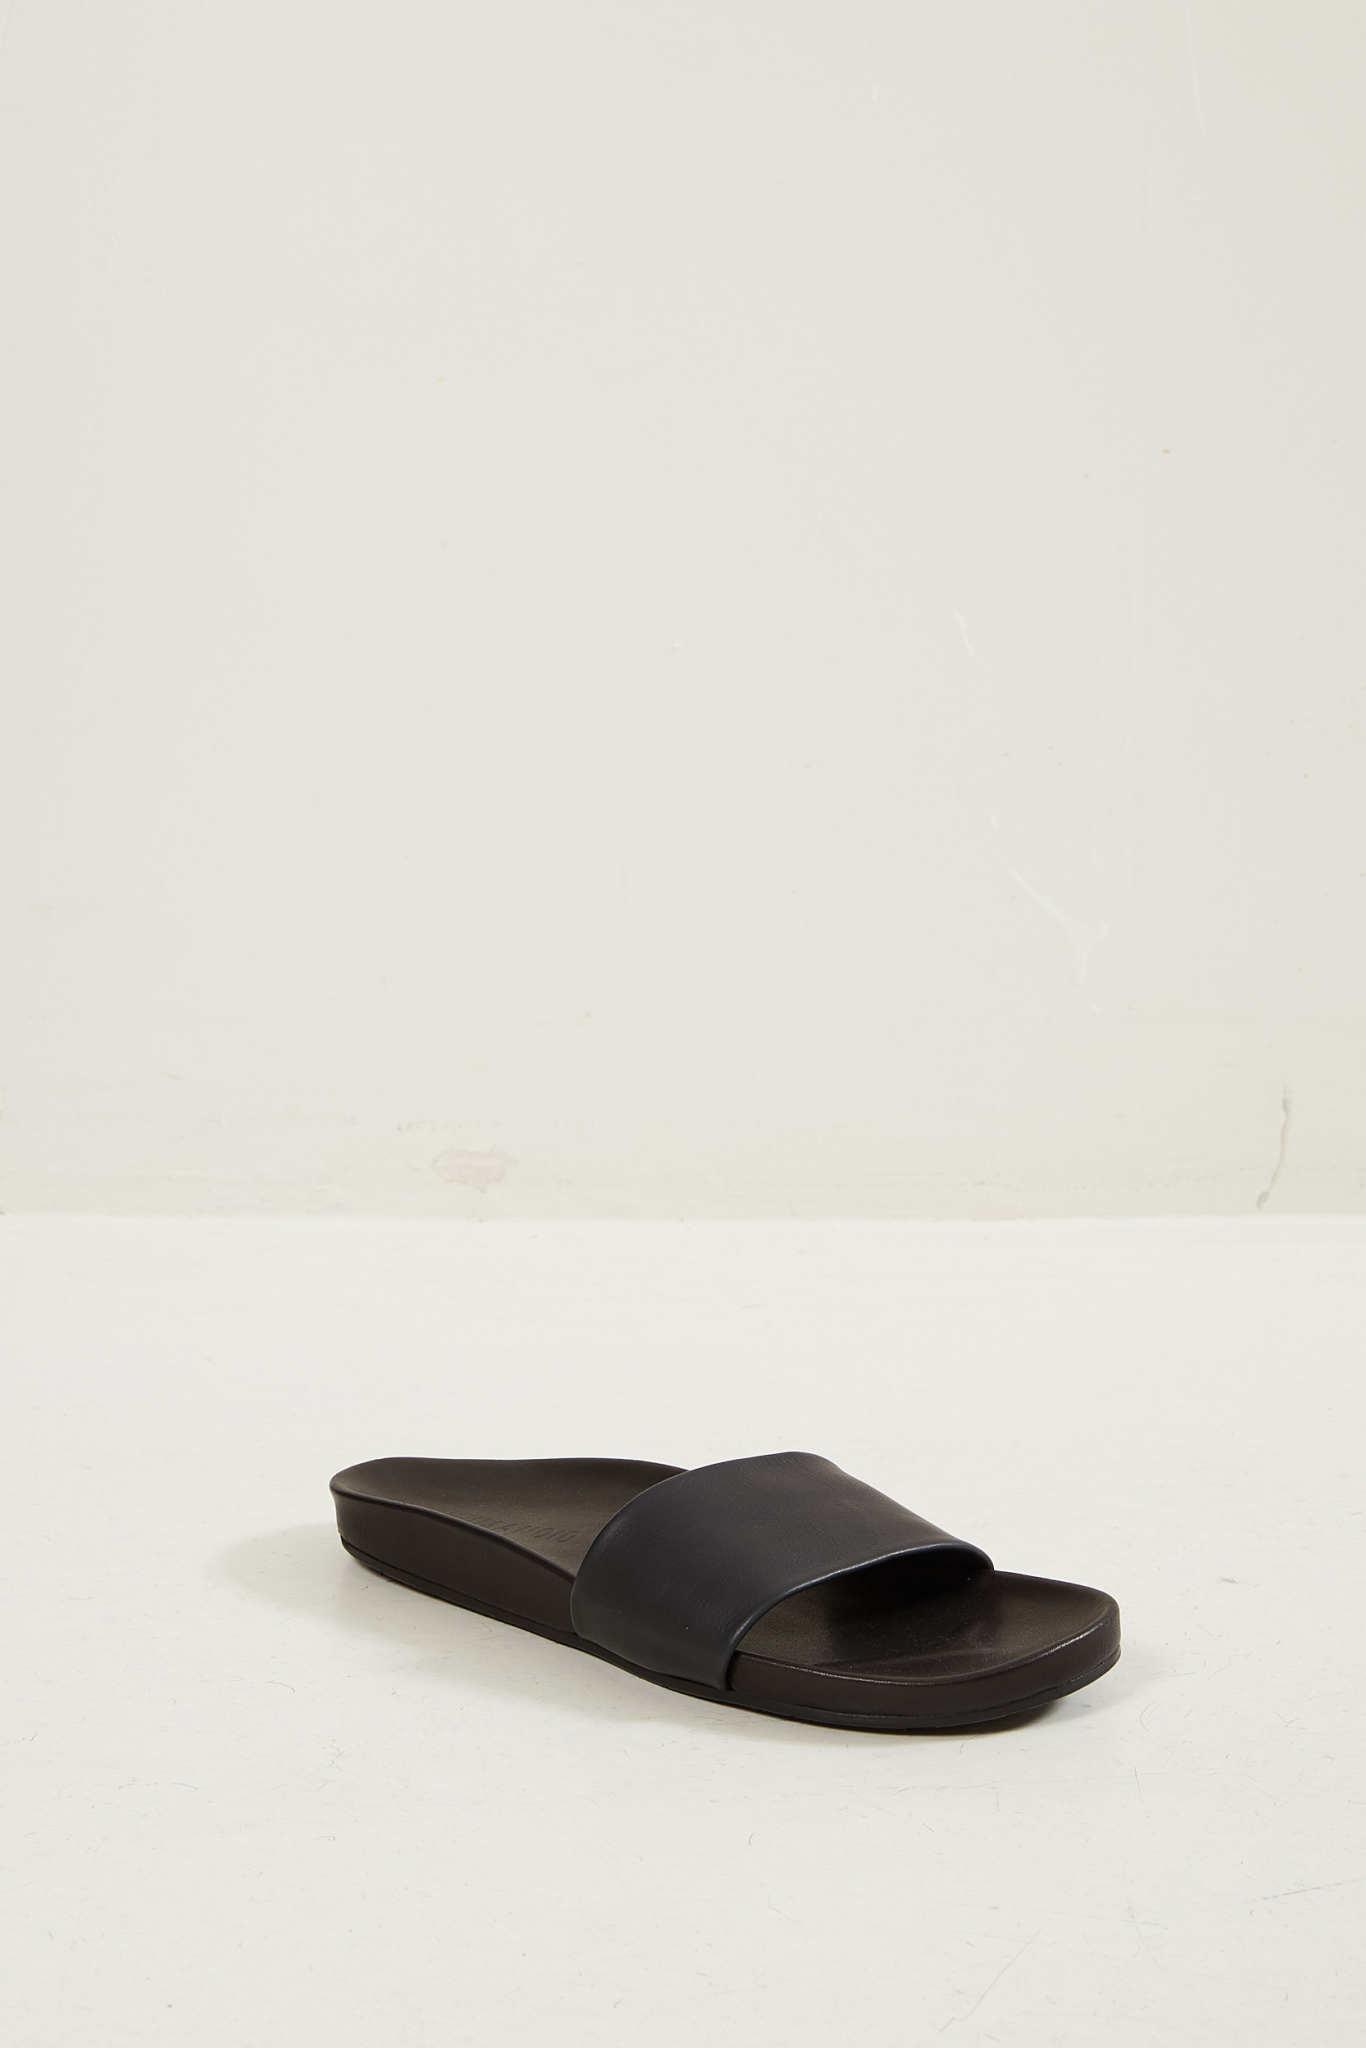 Humanoid Suus sandal blackish